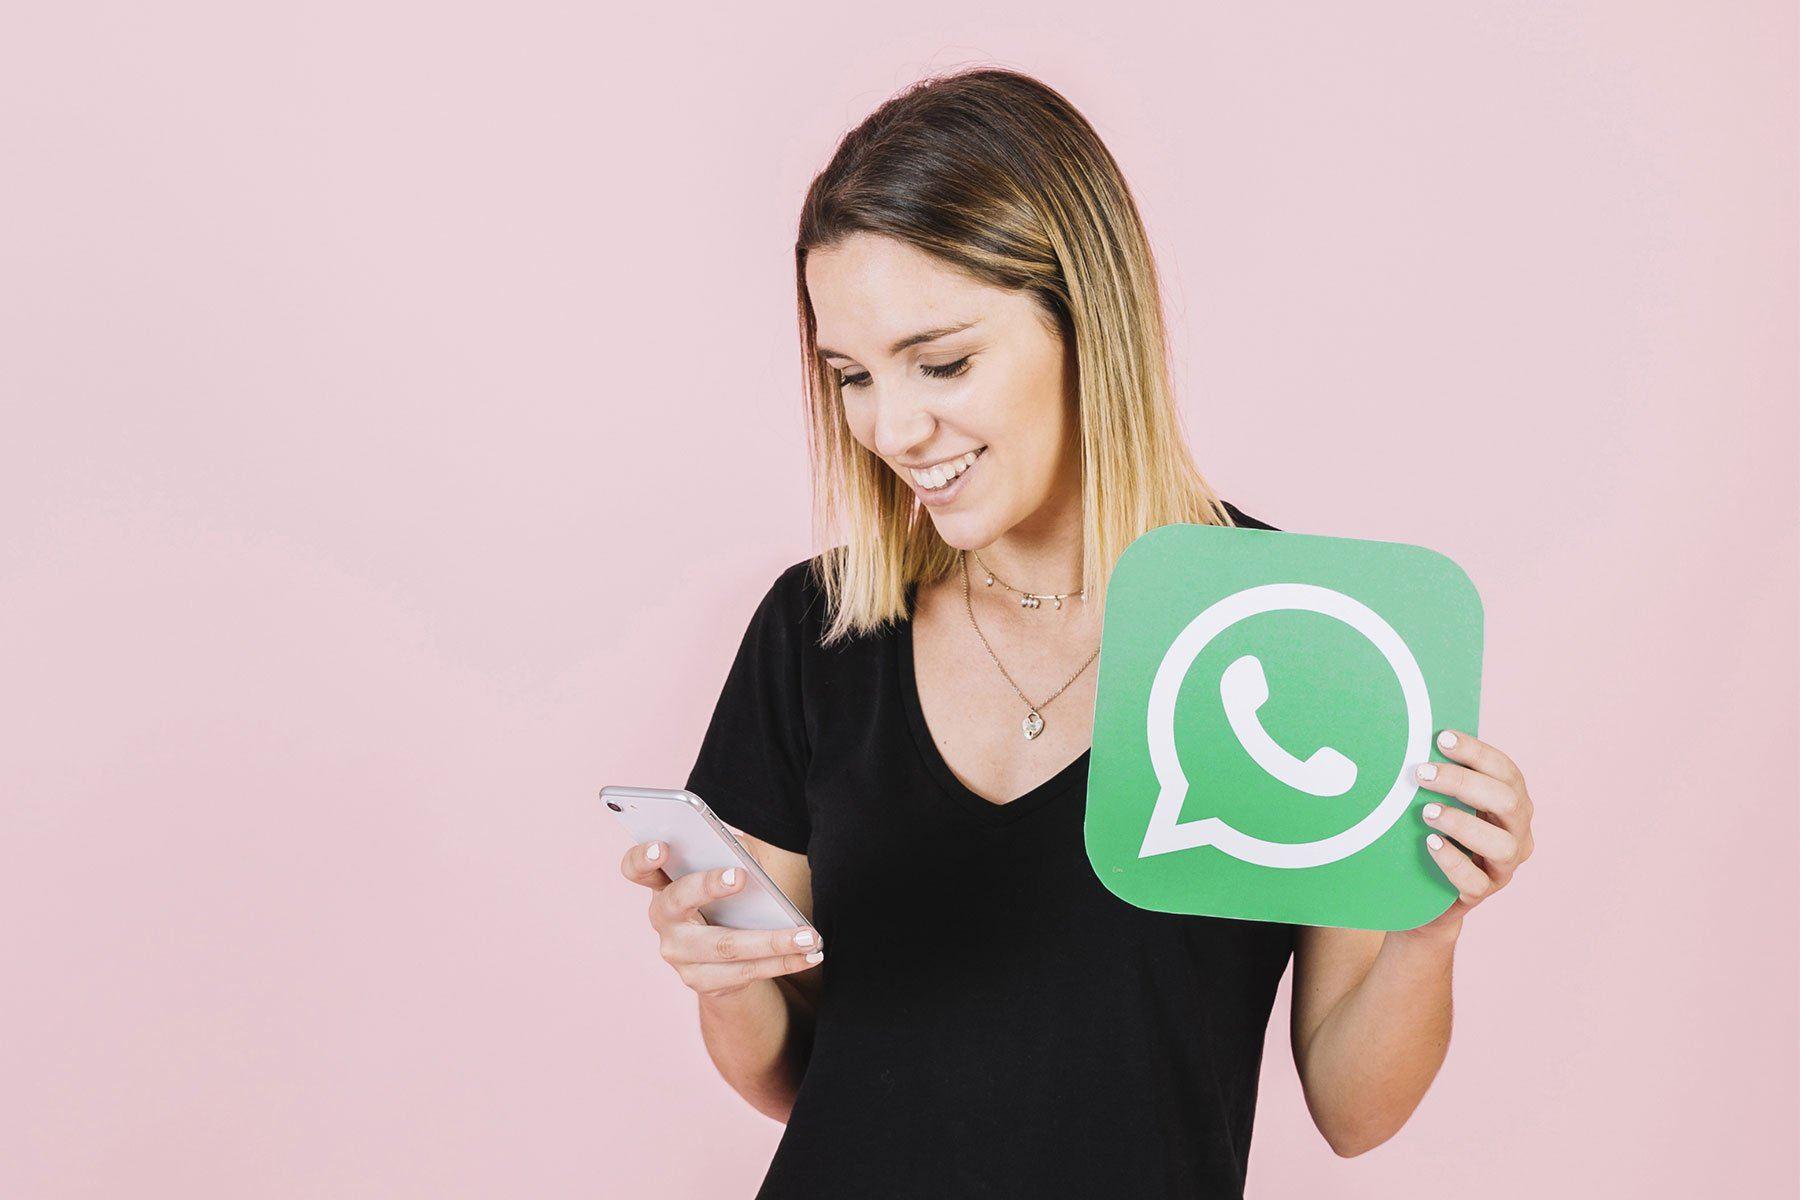 Quais as vantagens de se utilizar o WhatsApp em empresas?